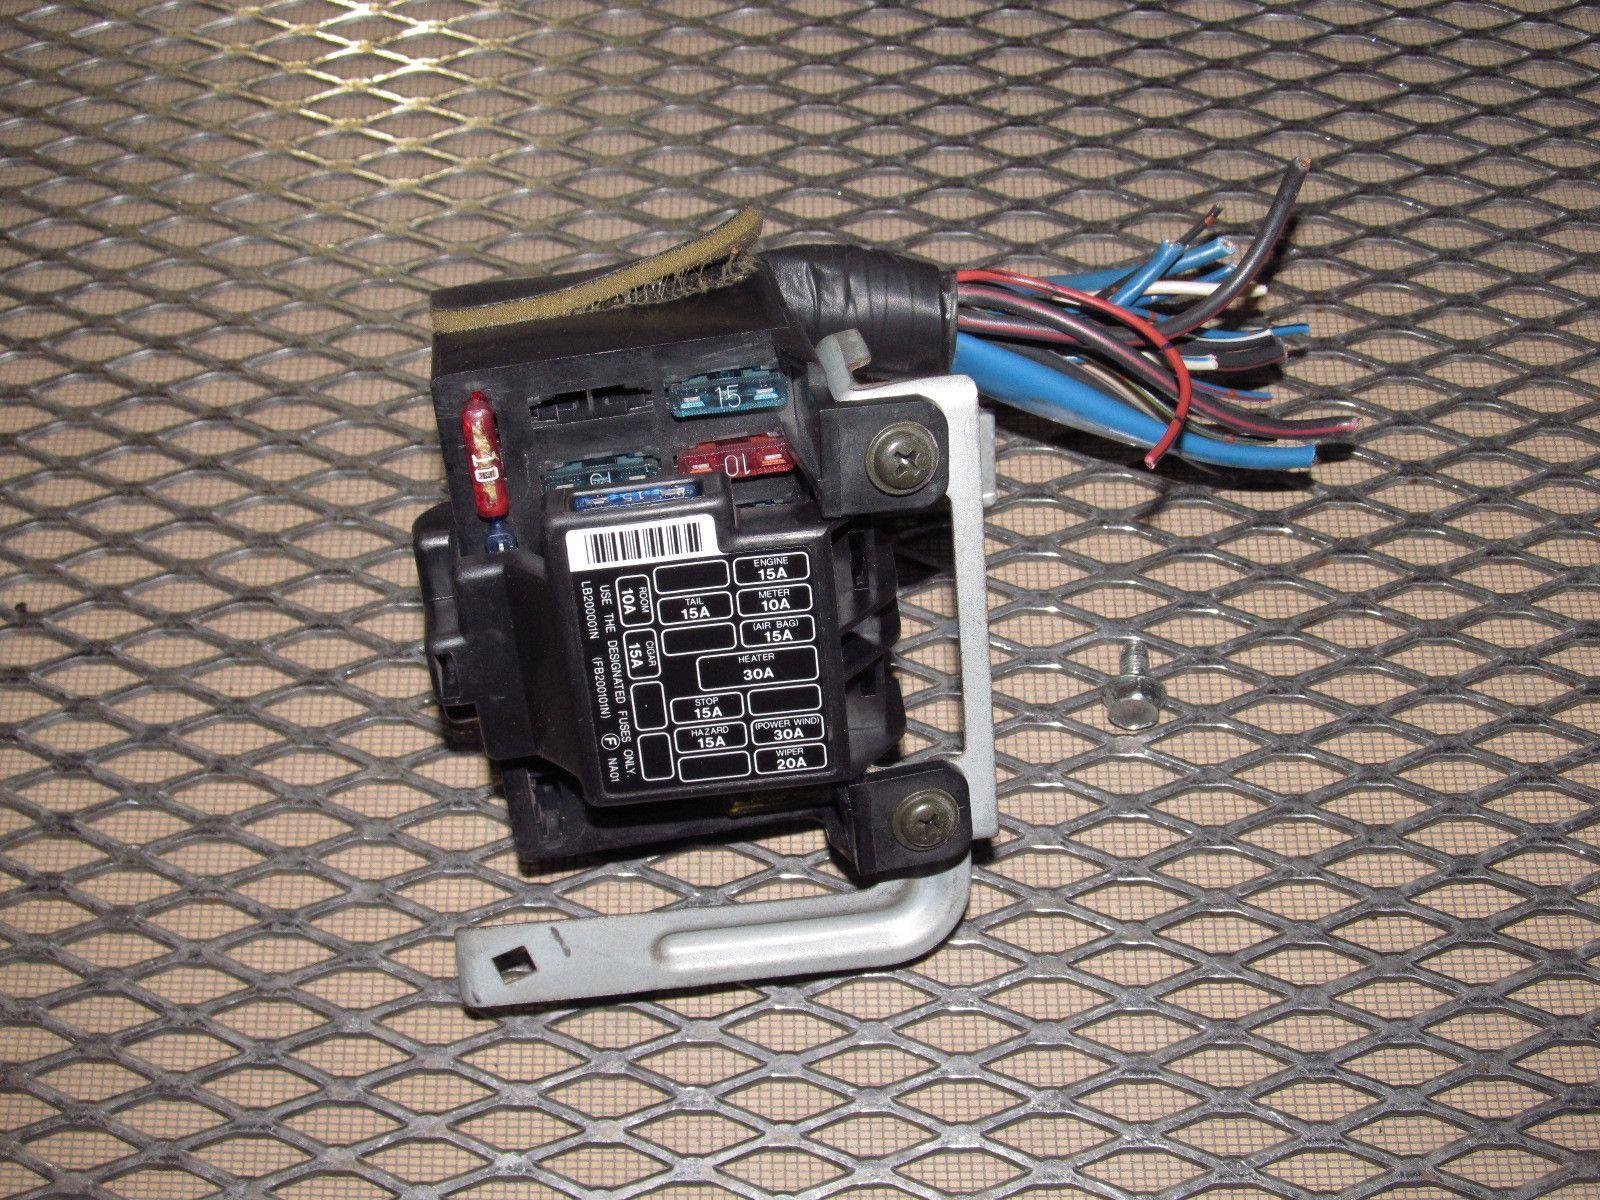 Oem Fuse Box 1977 Jeep Cj7 Electrical Wiring Diagrams 92 Comanche Miata Block And Schematic U2022 96 Cherokee Diagram